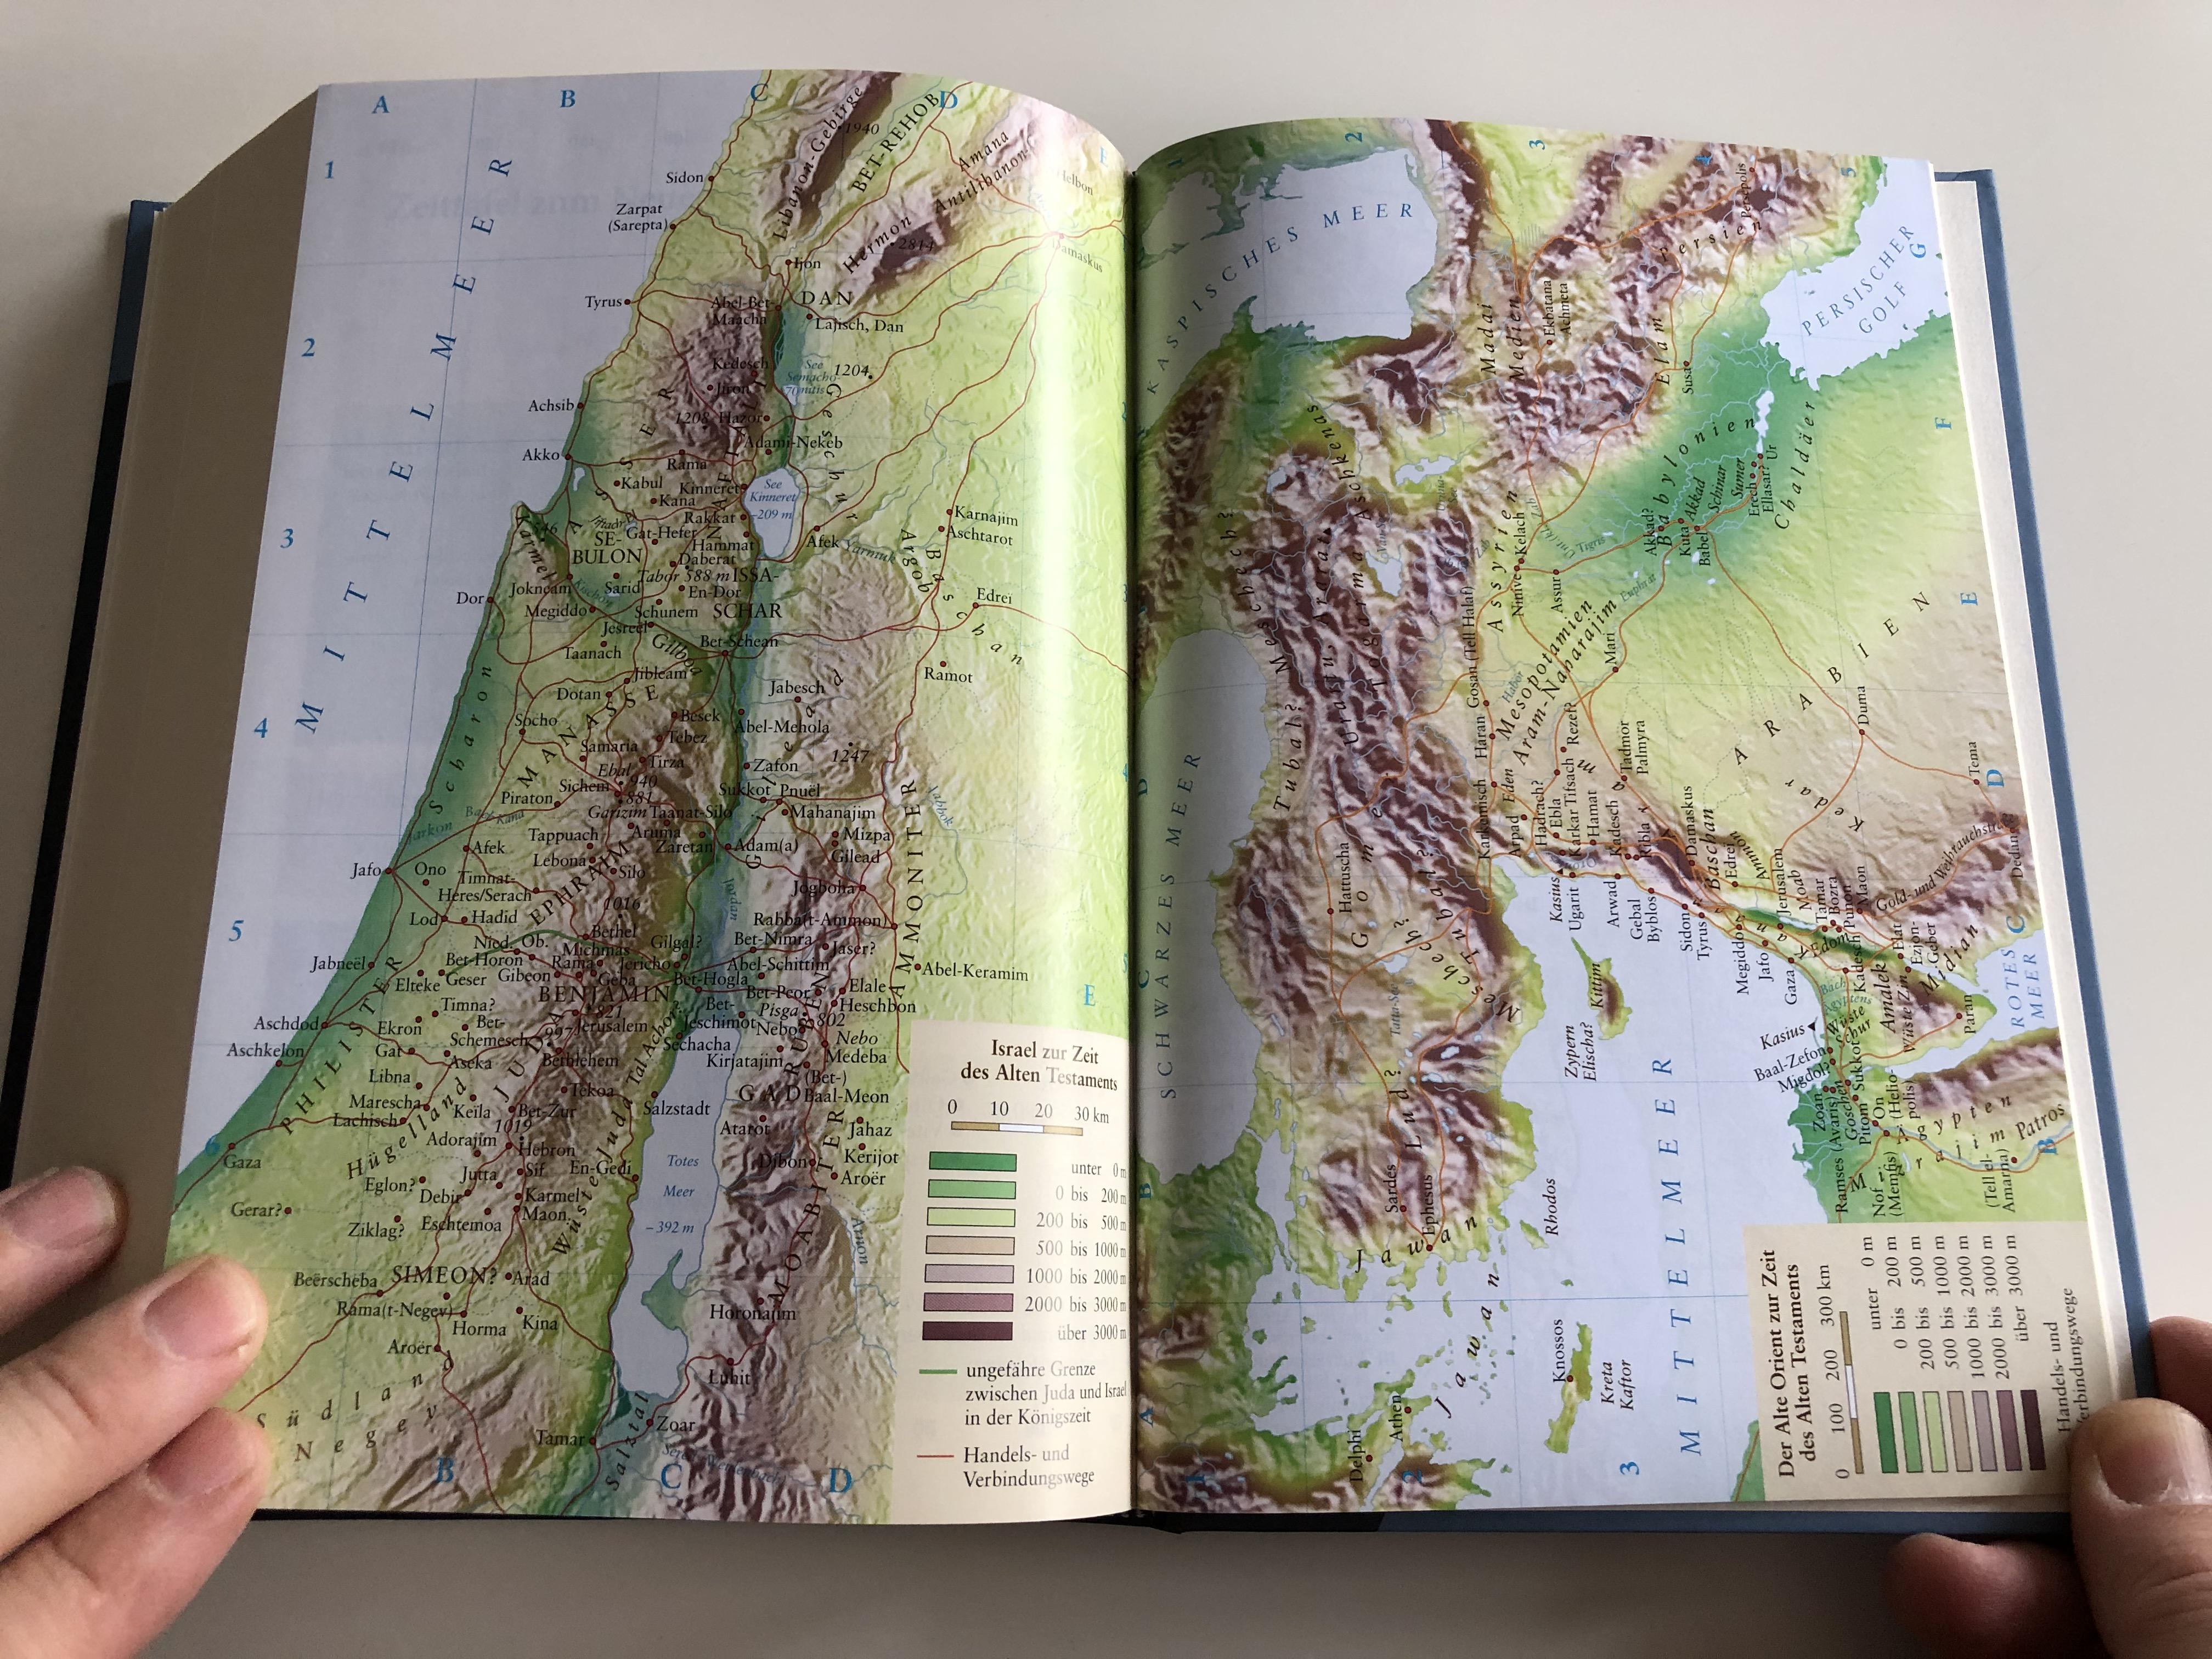 elberfelder-bibel-elberfelder-bible-in-german-language-14.jpg